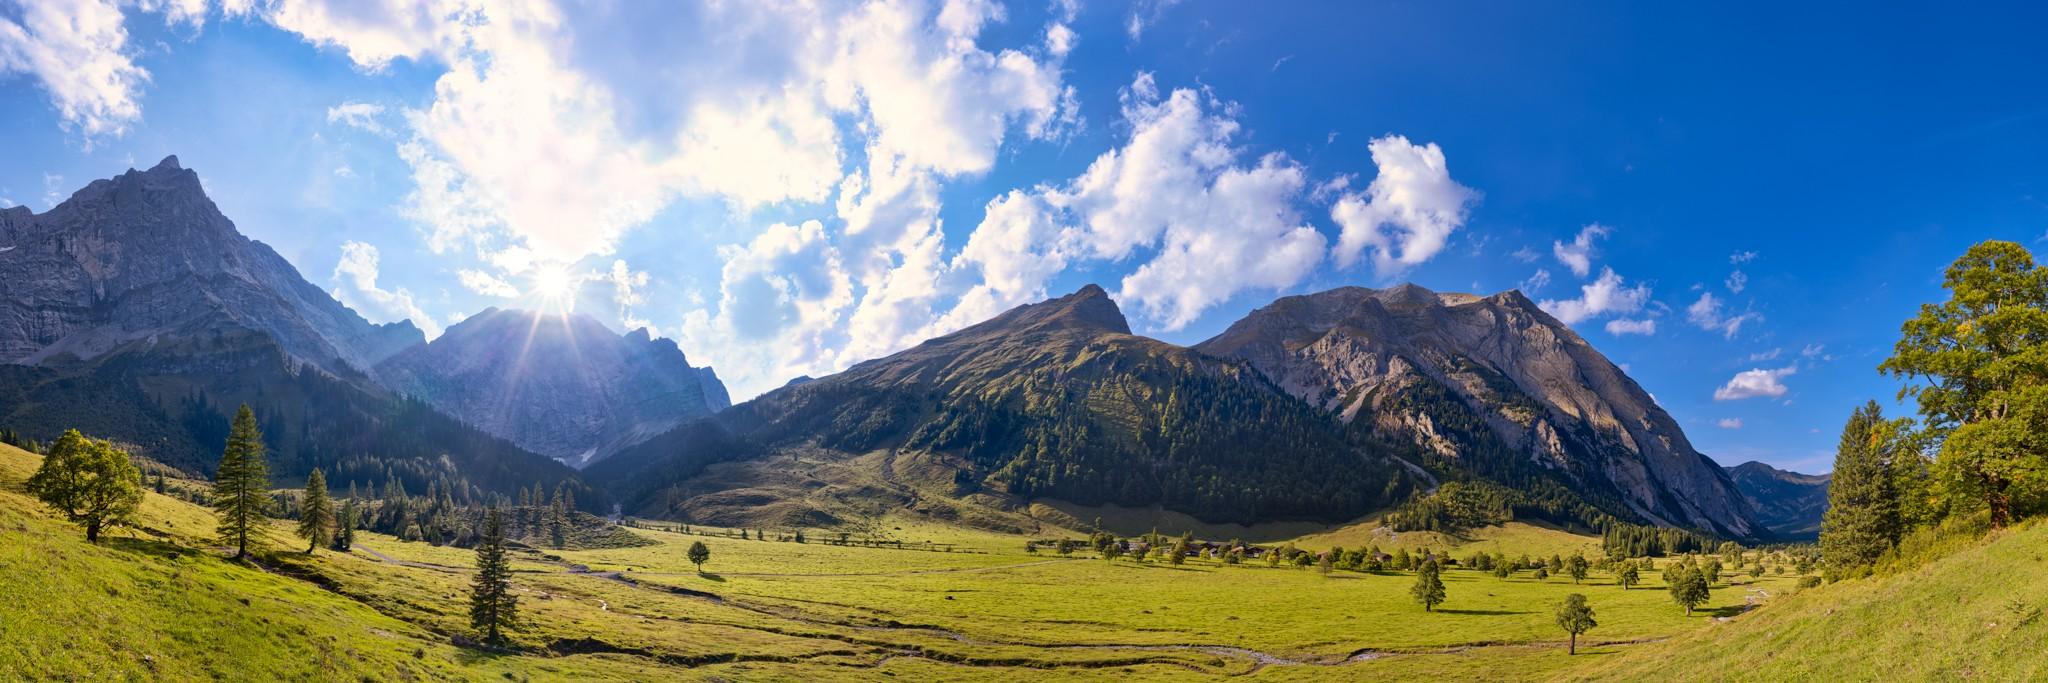 Herbst an der Engalm / Großer Ahornboden. Von der Engalm (1227m) kann man über das Hohljoch zur Falkenhütte (1848m) wandern.